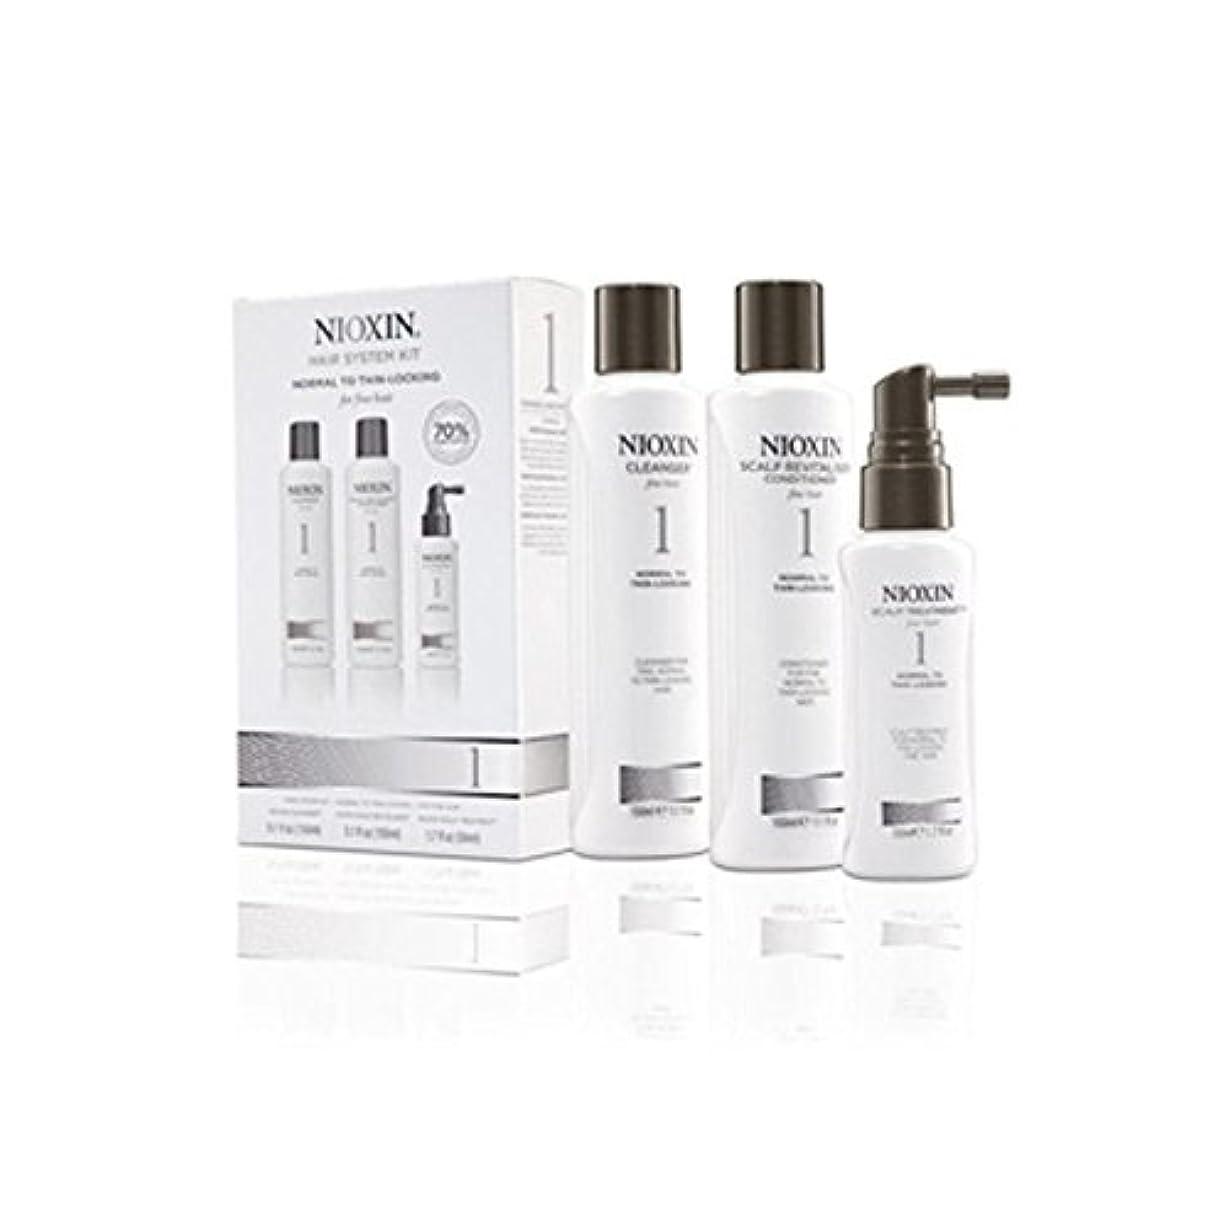 慎重倍増ブローホールNioxin Hair System Kit 1 For Normal To Fine Natural Hair (3 Products) (Pack of 6) - 細かい自然な髪への通常のためニオキシンヘアシステムキット1(3製品) x6 [並行輸入品]